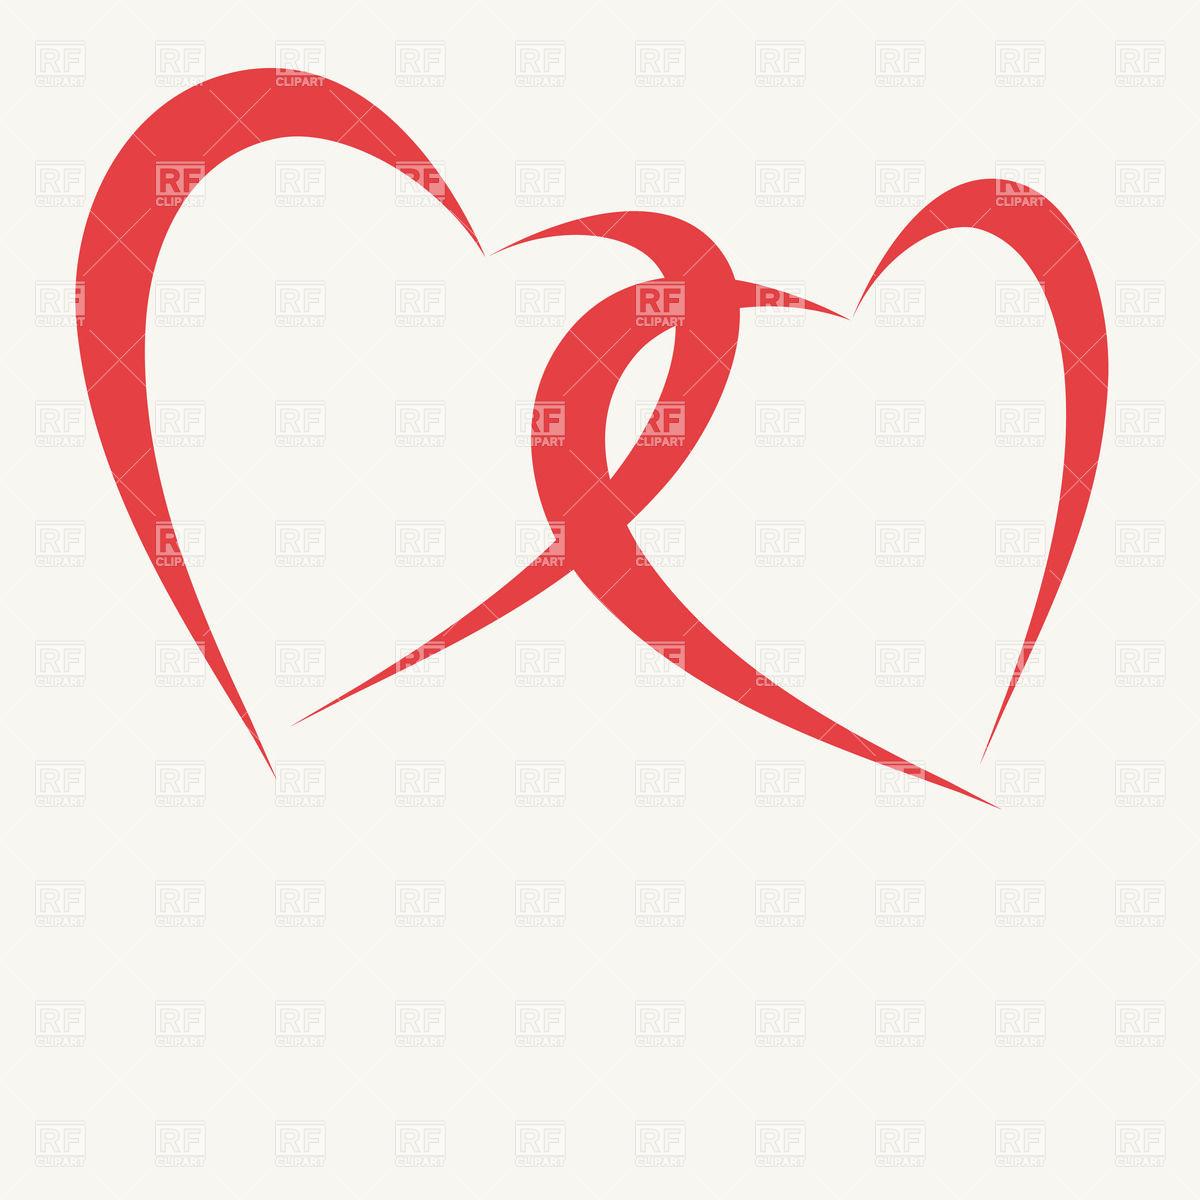 clip art double hearts free - photo #12